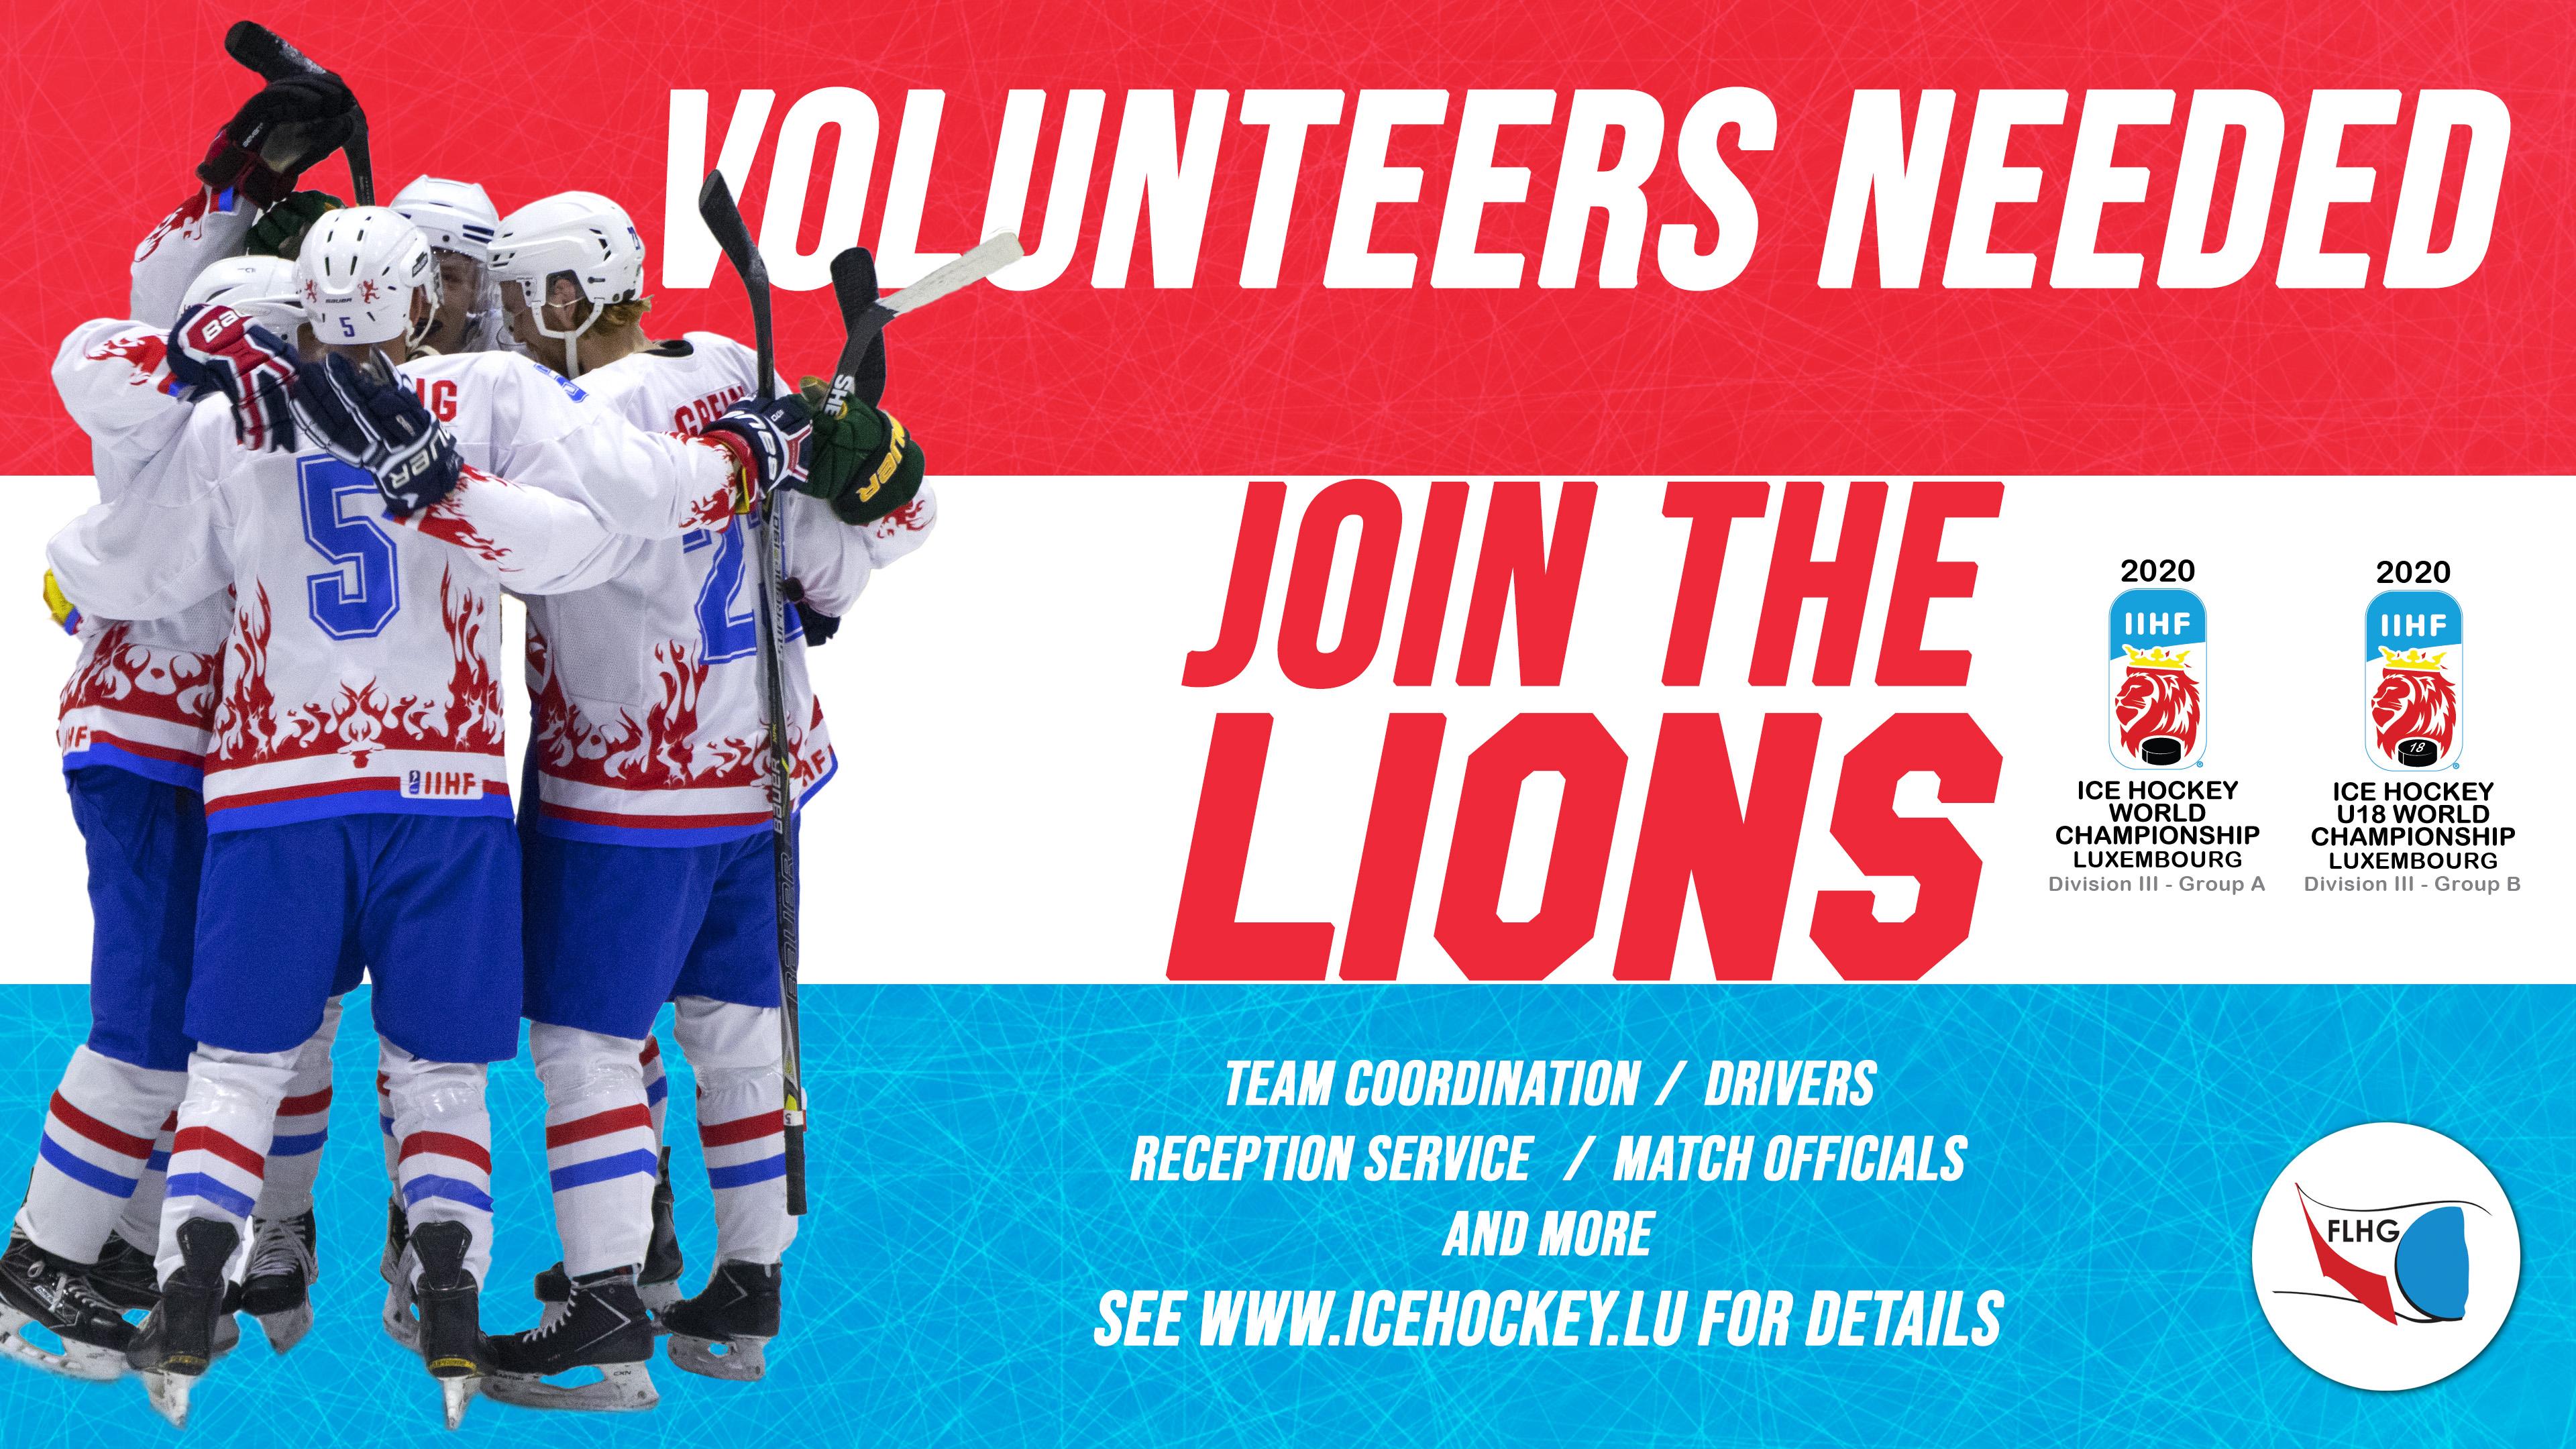 Recherchons des volontaires / Volunteers needed